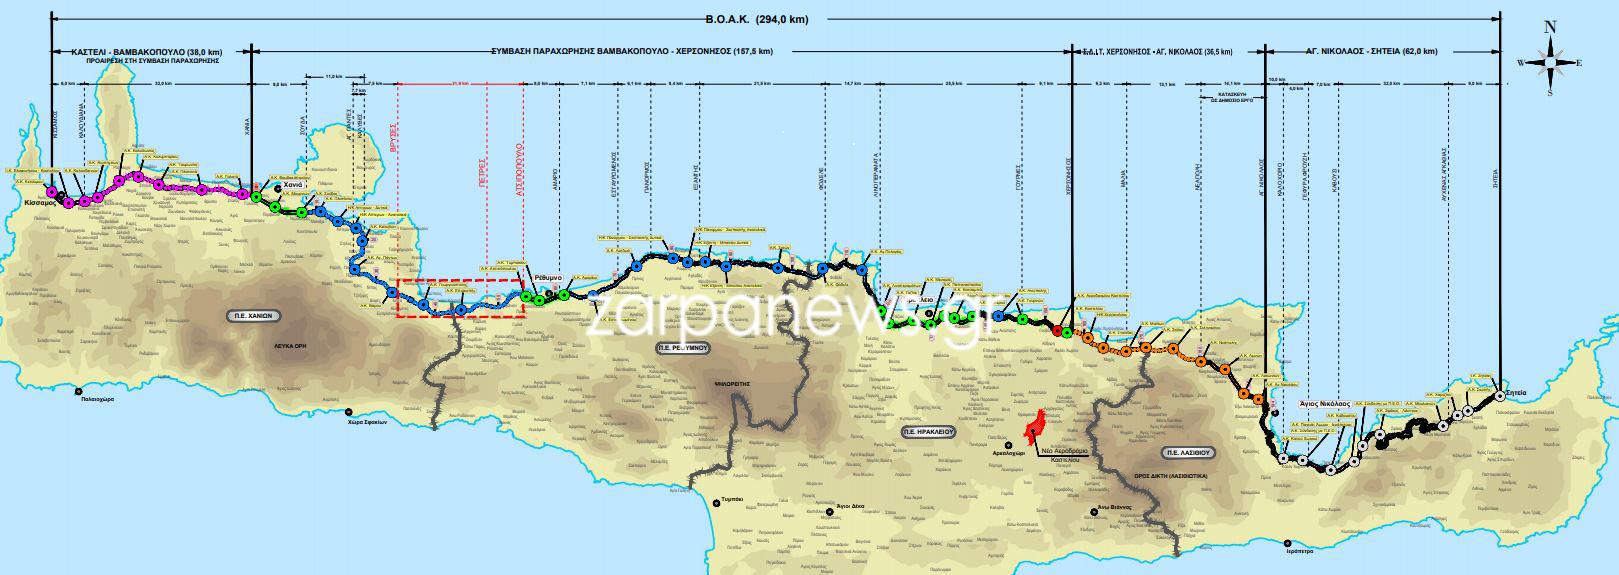 Κρήτη: Αυτός είναι οι αλλαγές στον ΒΟΑΚ – Πως θα χρεώνονται τα διόδια (pics)